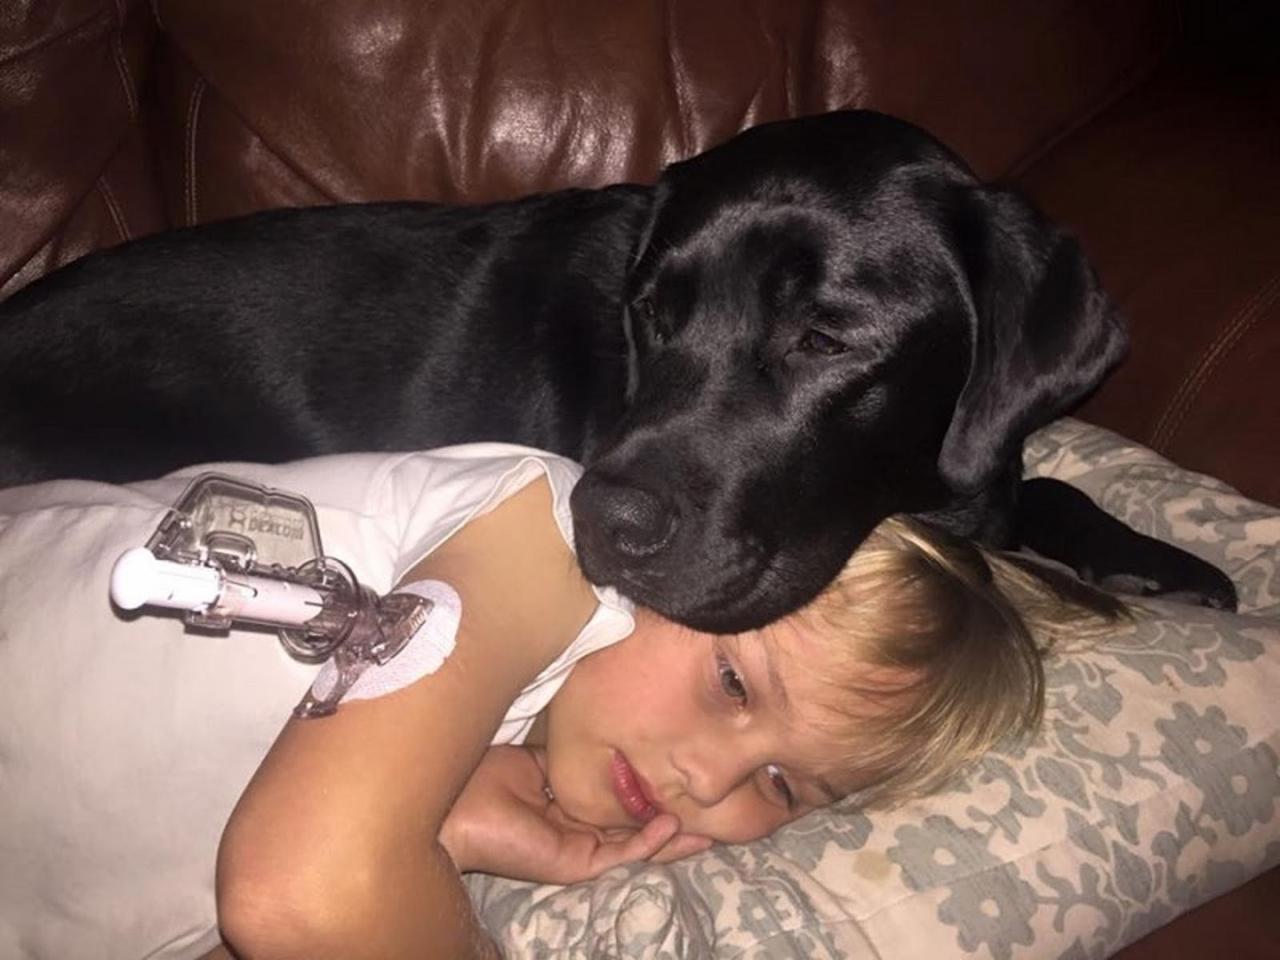 Женщина проснулась от того, что пес ее стягивал с кровати. Он буквально силой потащил ее в комнату сына…